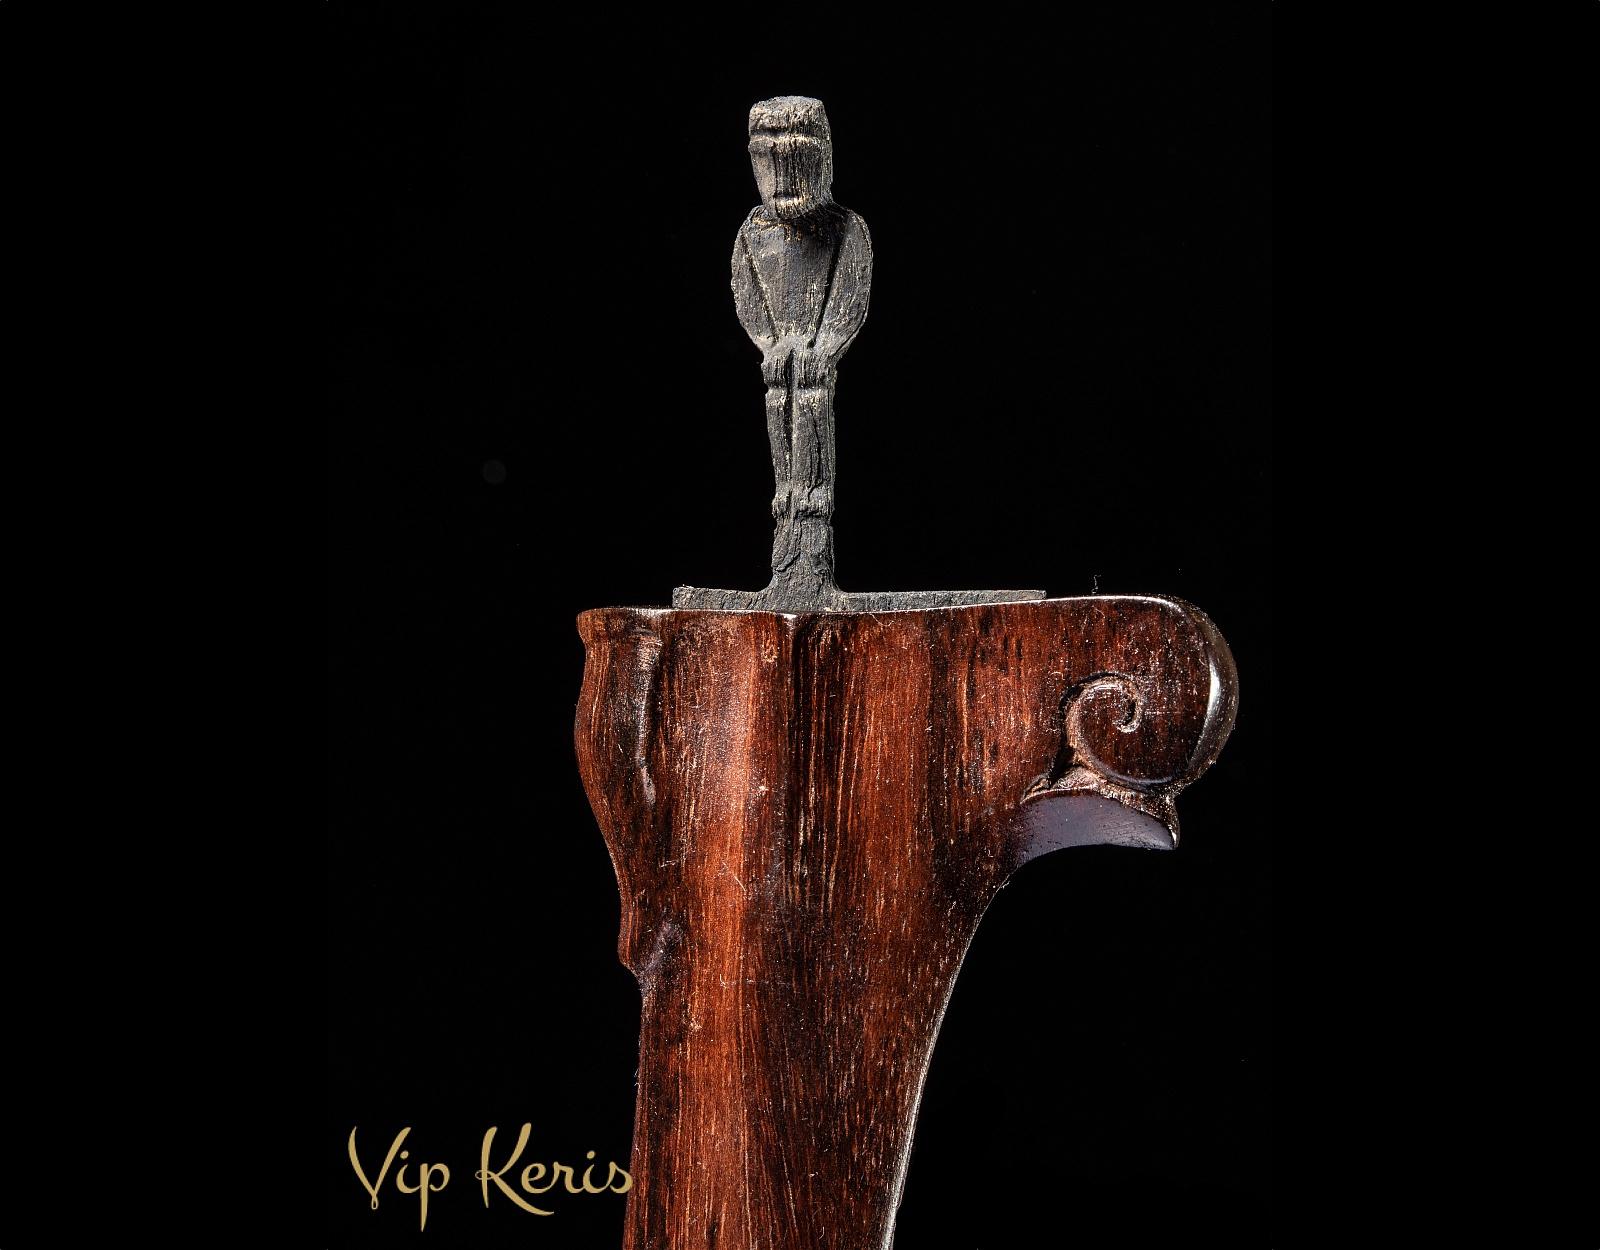 Крис Sajen, стихия Огонь! фото VipKeris